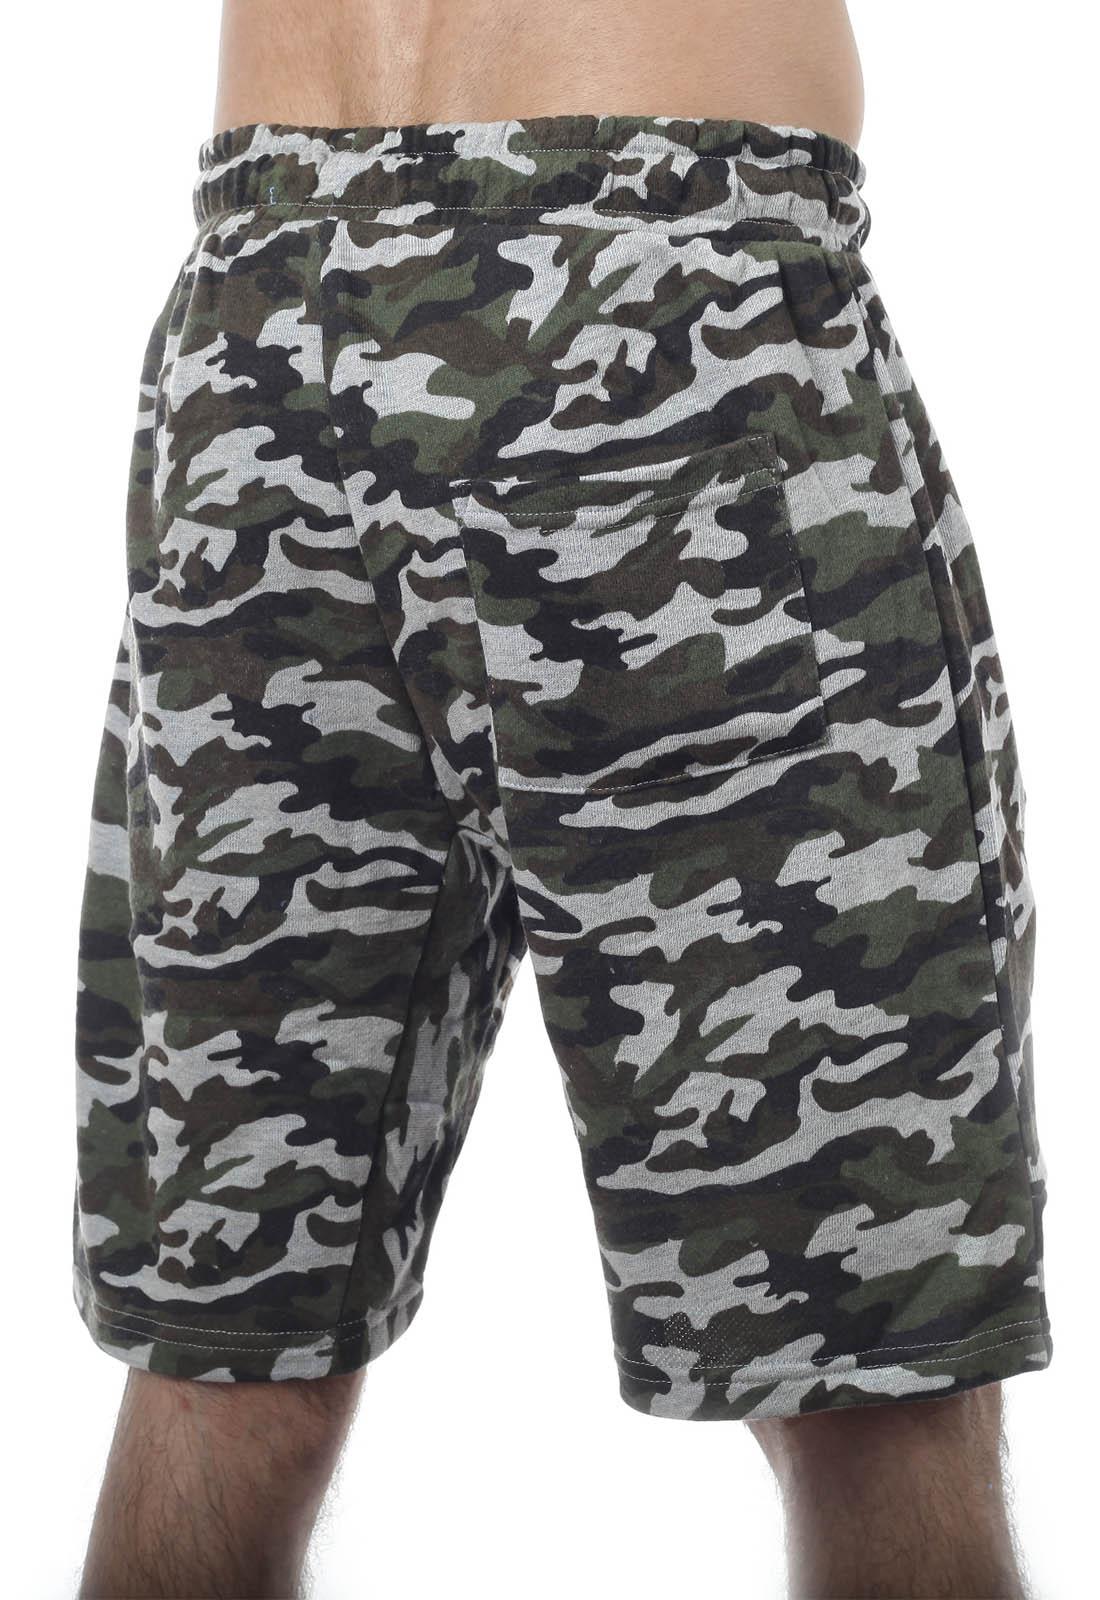 Мужские особенные хаки-шорты с нашивкой РХБЗ - купить онлайн